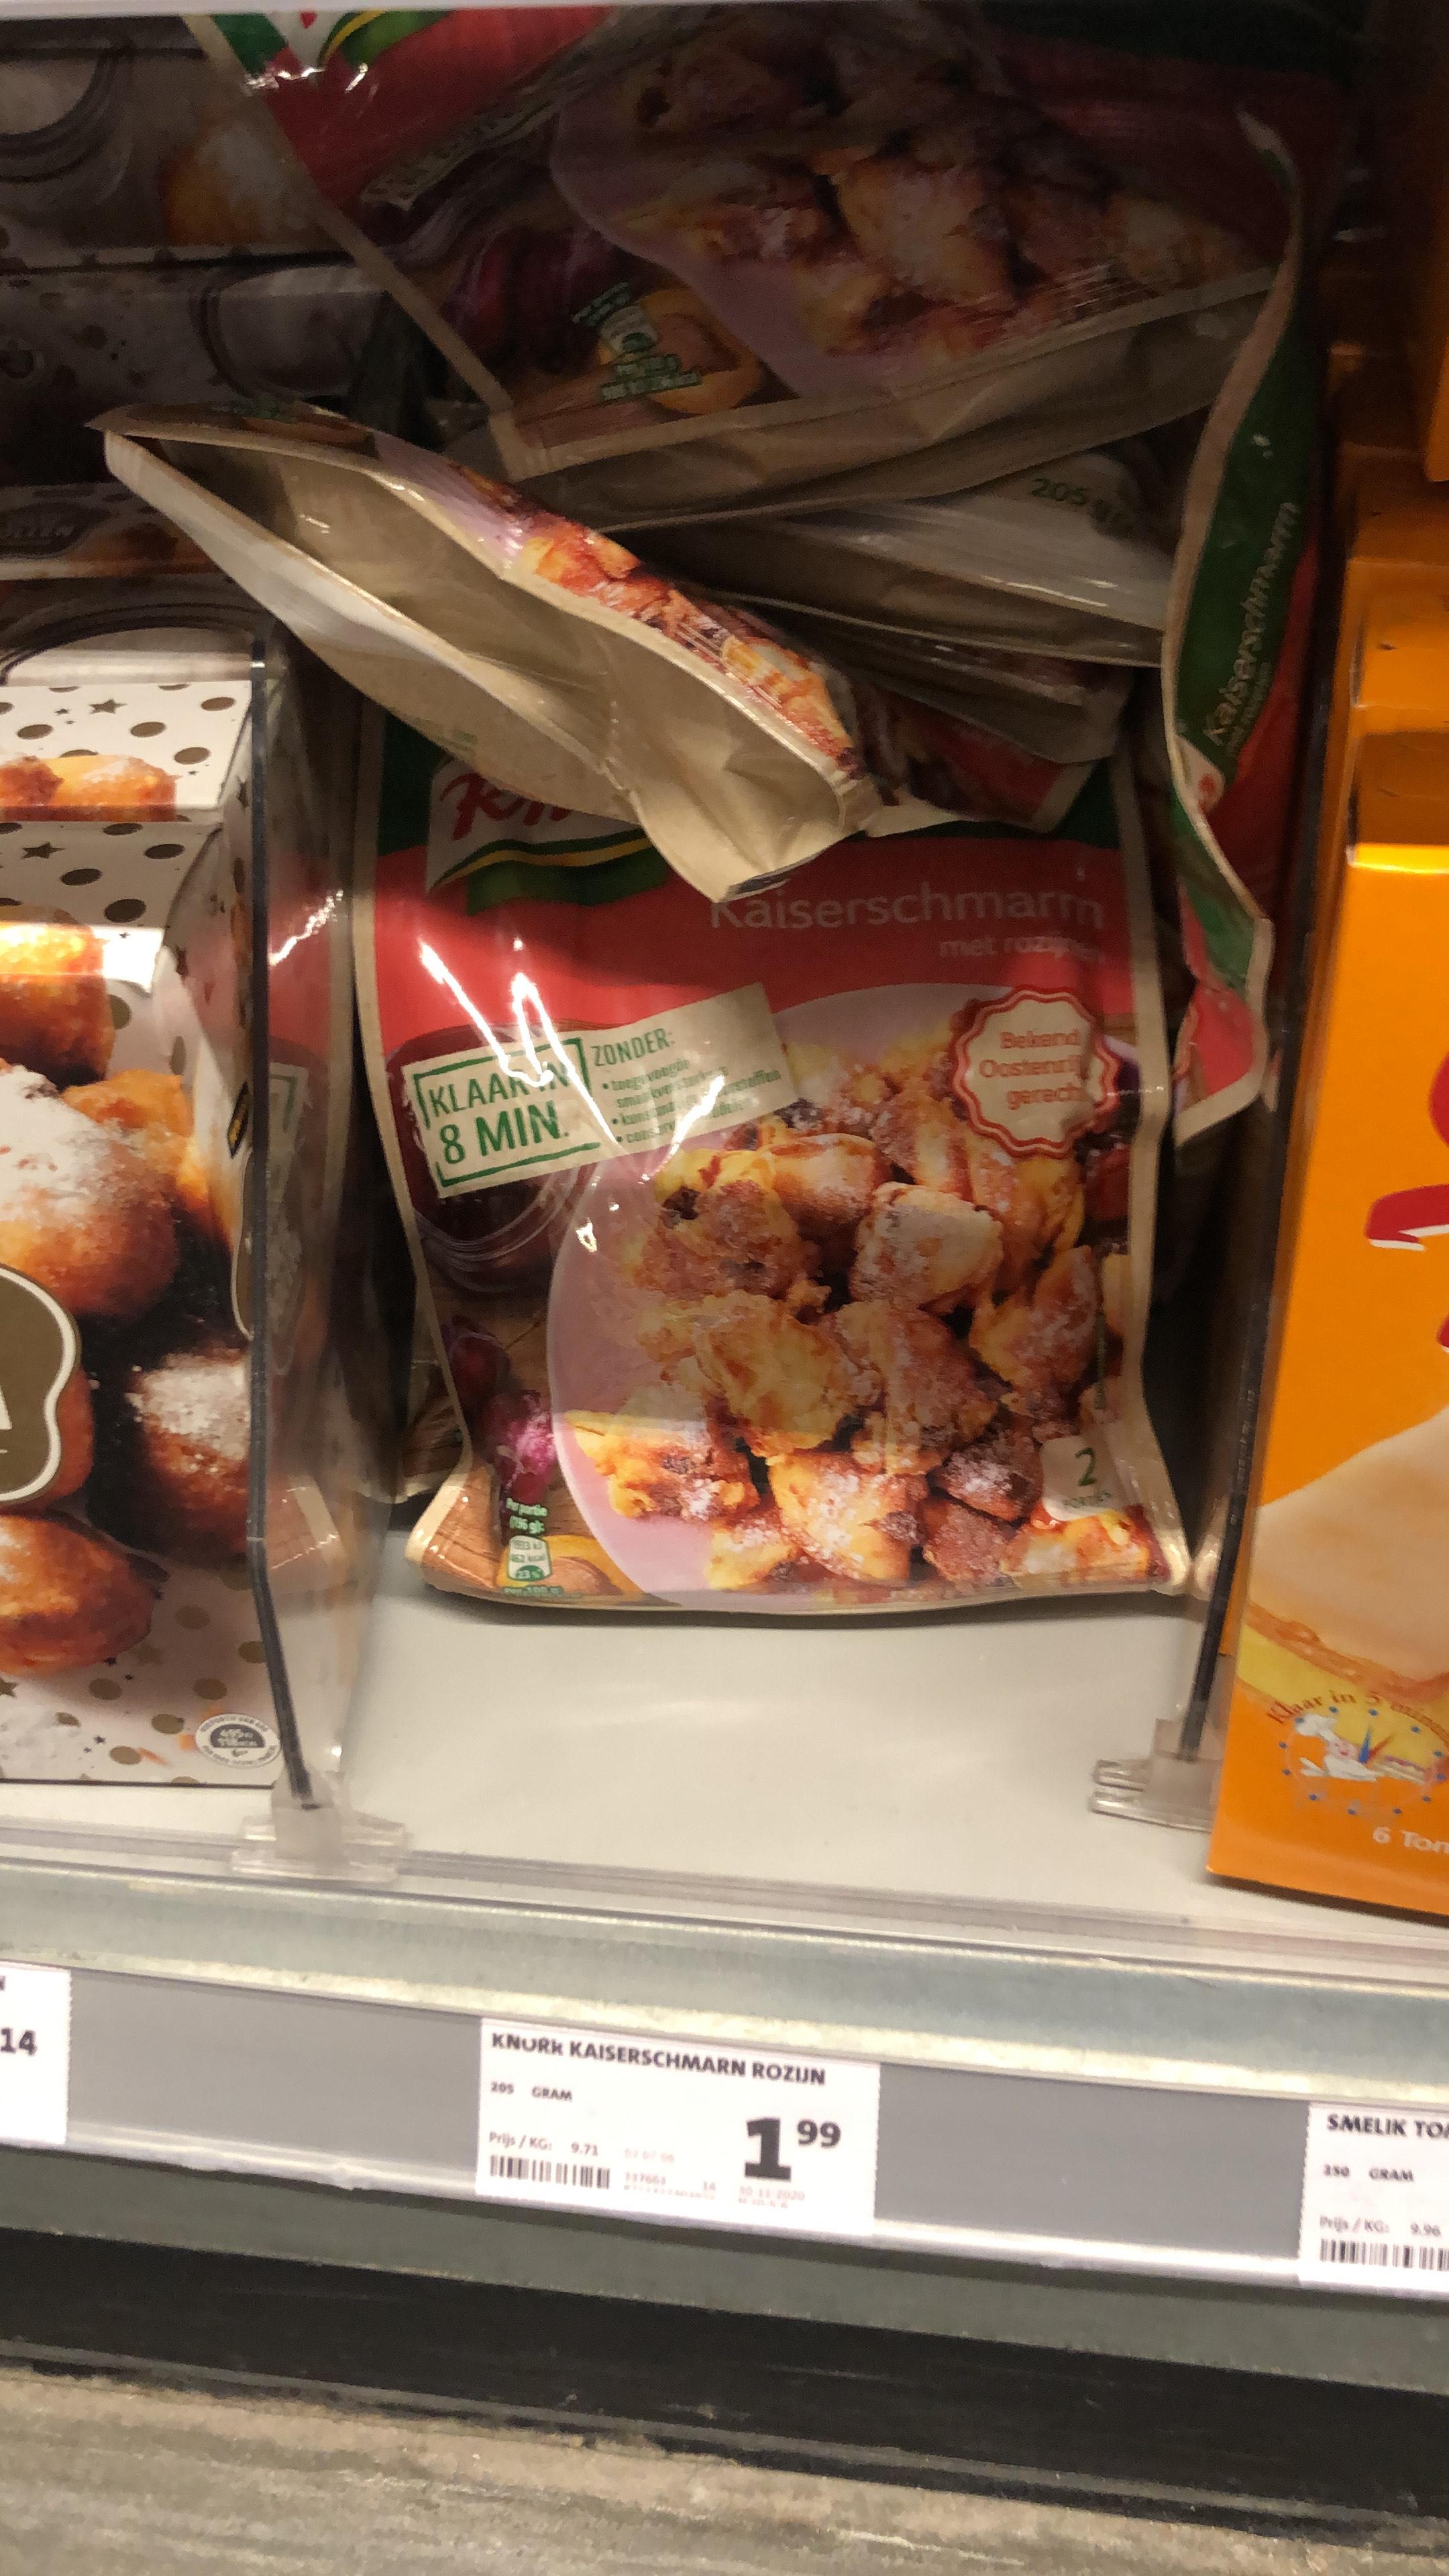 [lokaal] Knorr Kaiserschmarrn met rozijnen @ Jumbo Foodmarkt Leidsche Rijn